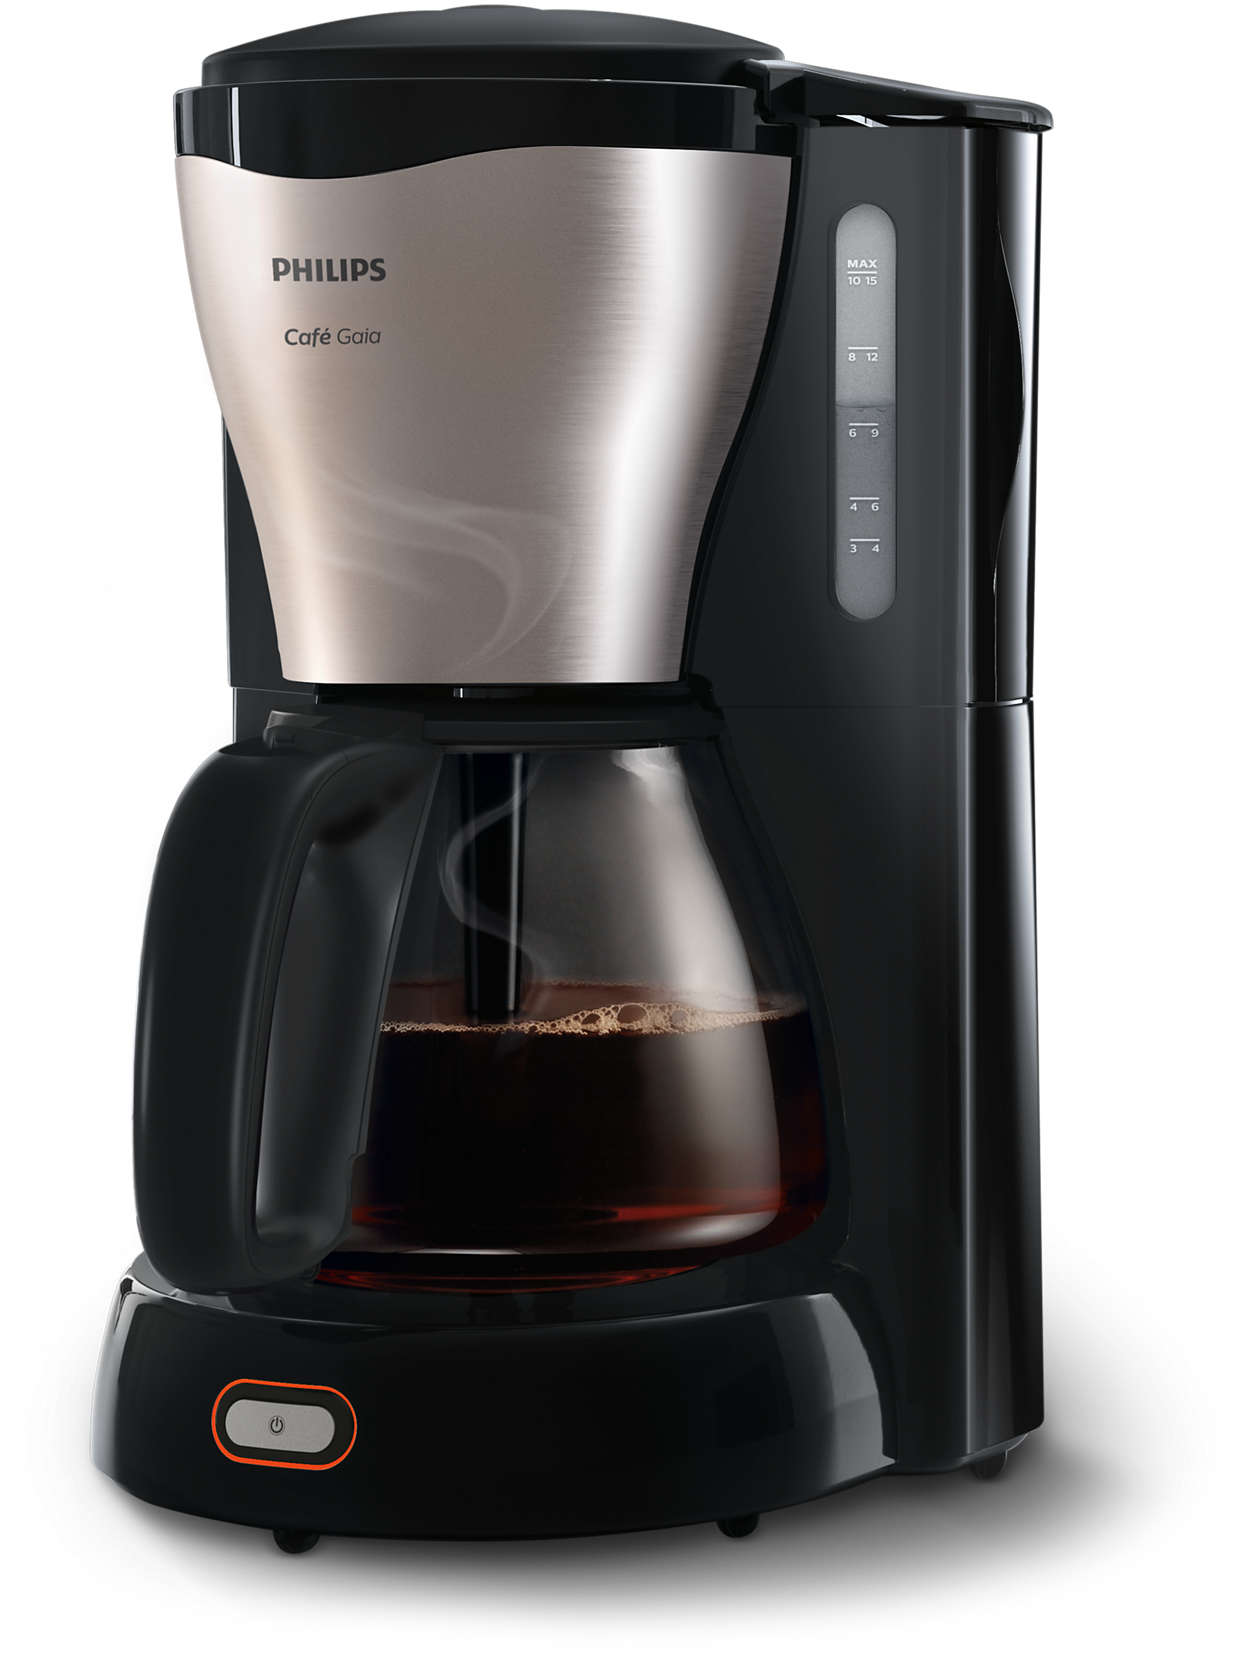 Lahodná horká káva vnašem ikonickém provedení